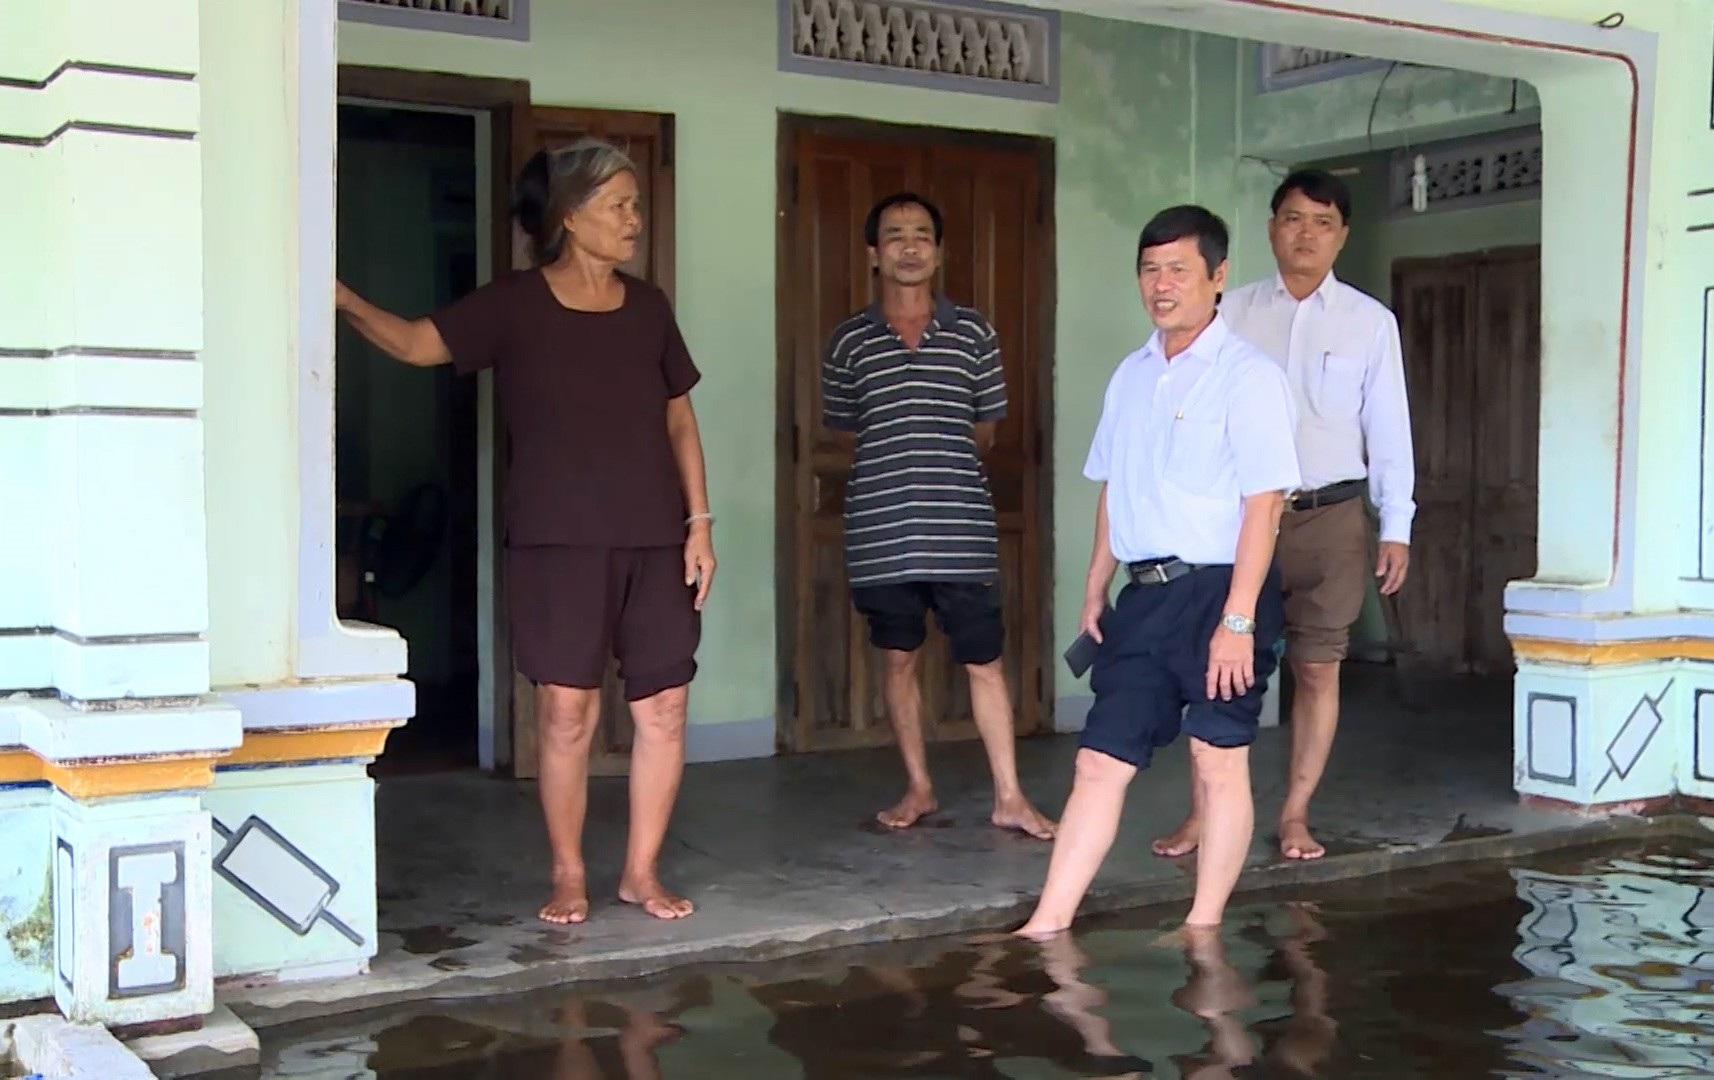 Gần 3 tháng, 40 hộ dân bị nhấn chìm trong lụt lội, ô nhiễm! - Ảnh 5.